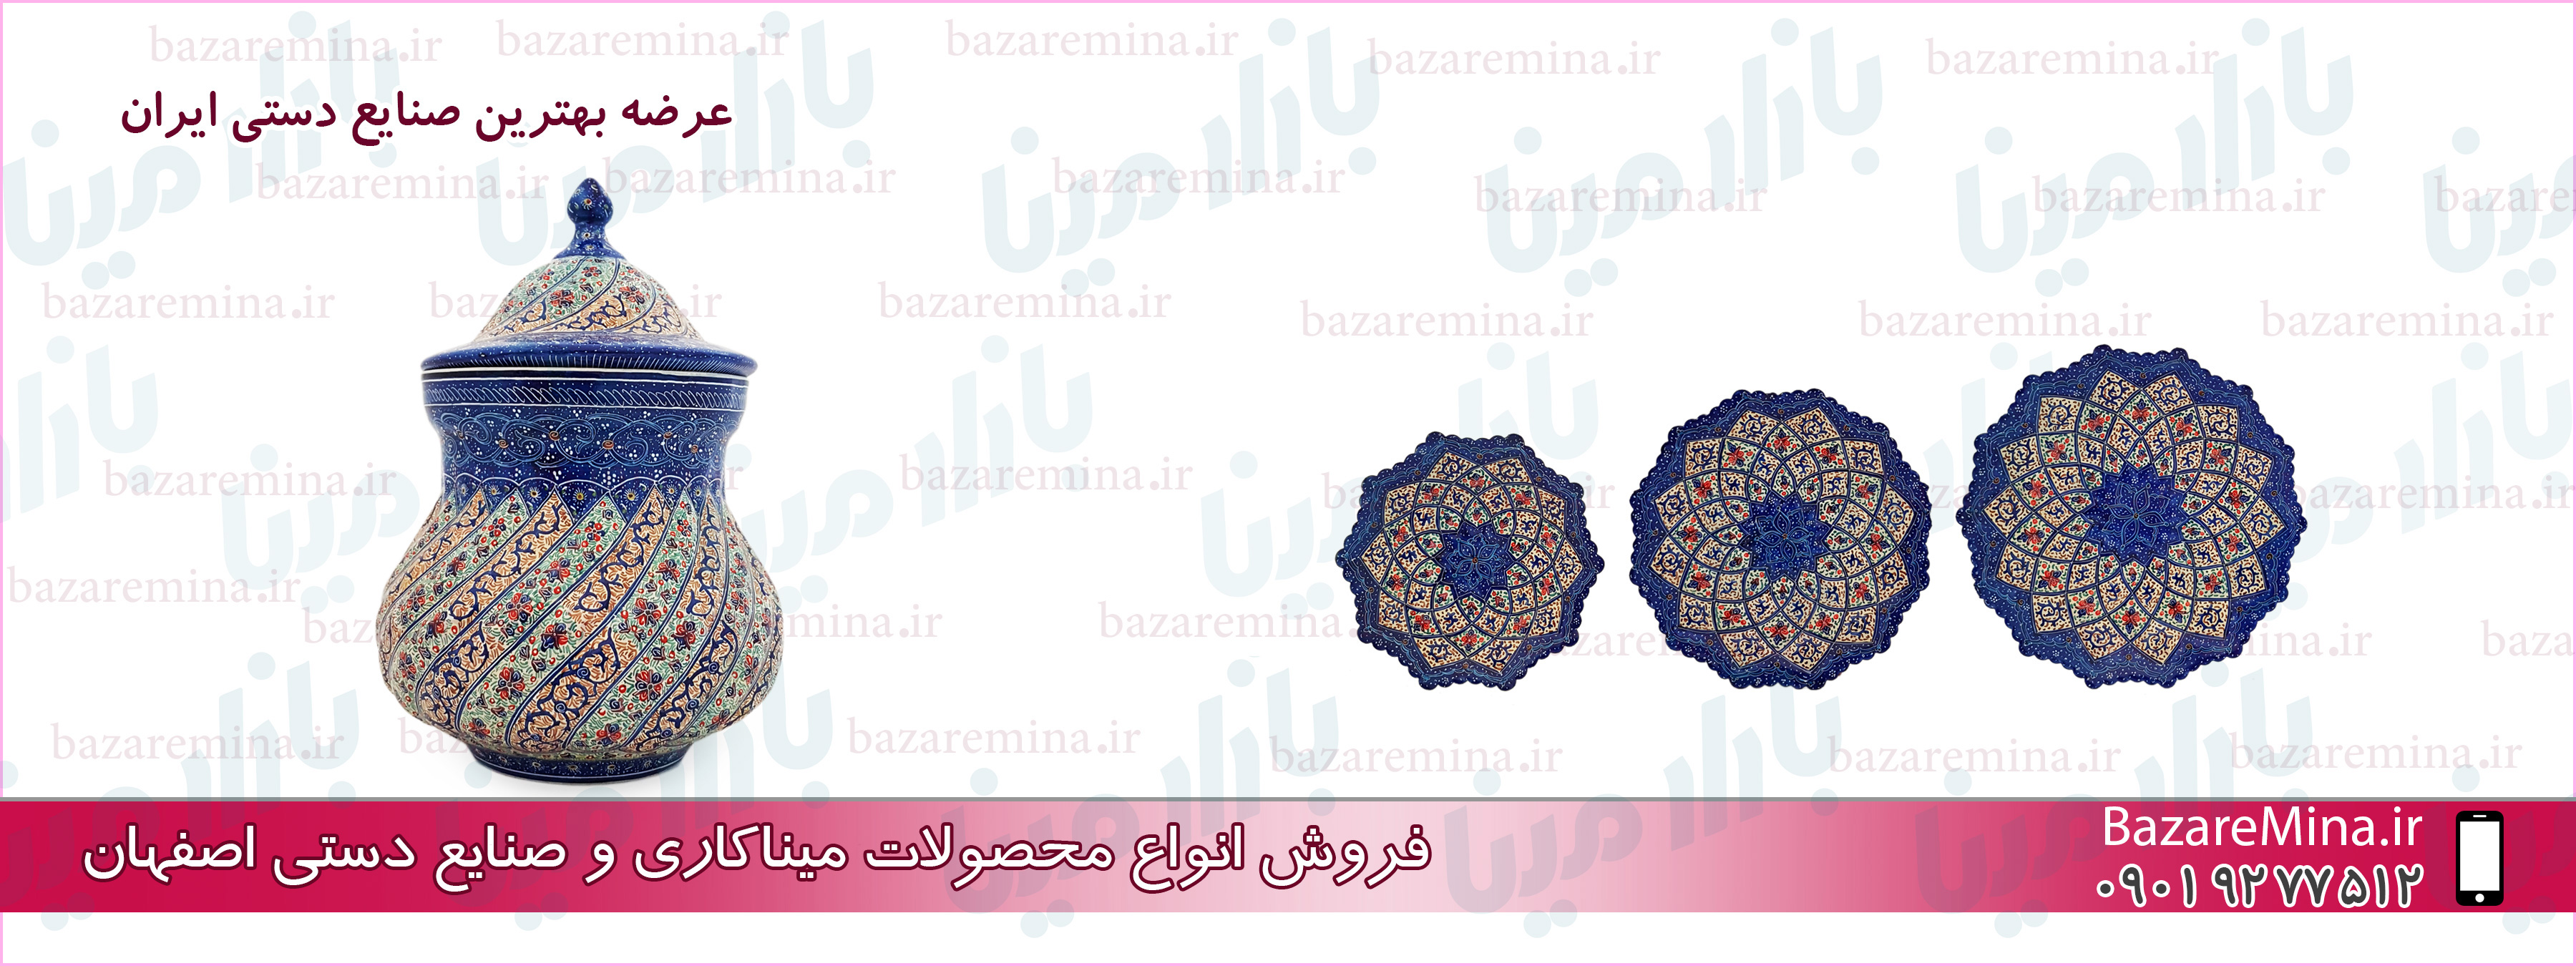 فروش و پخش میناکاری اصفهان روی مس